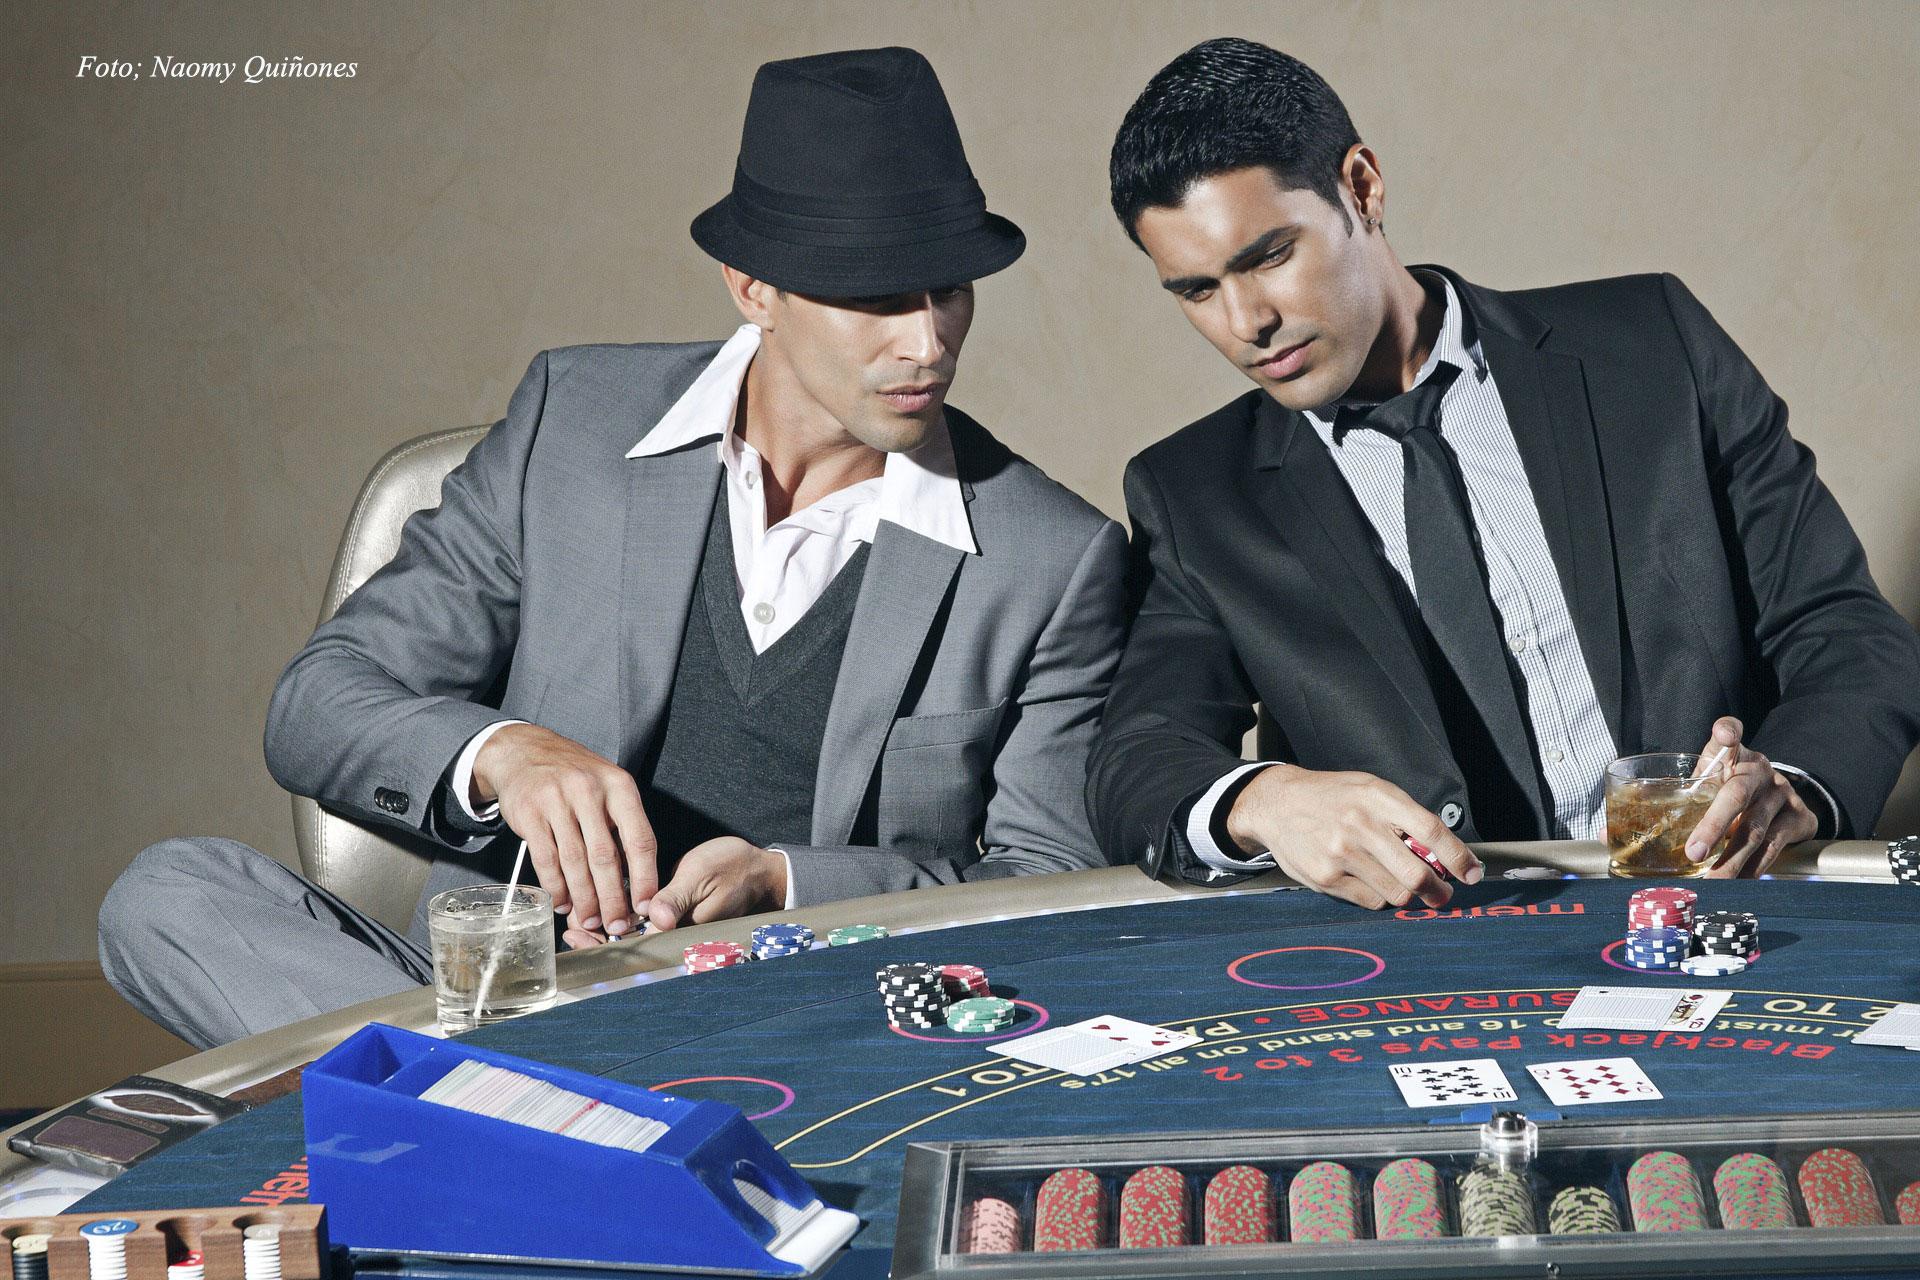 Poker 2020 Ett Annorlunda Poker Ar Hittaupplevelse Se